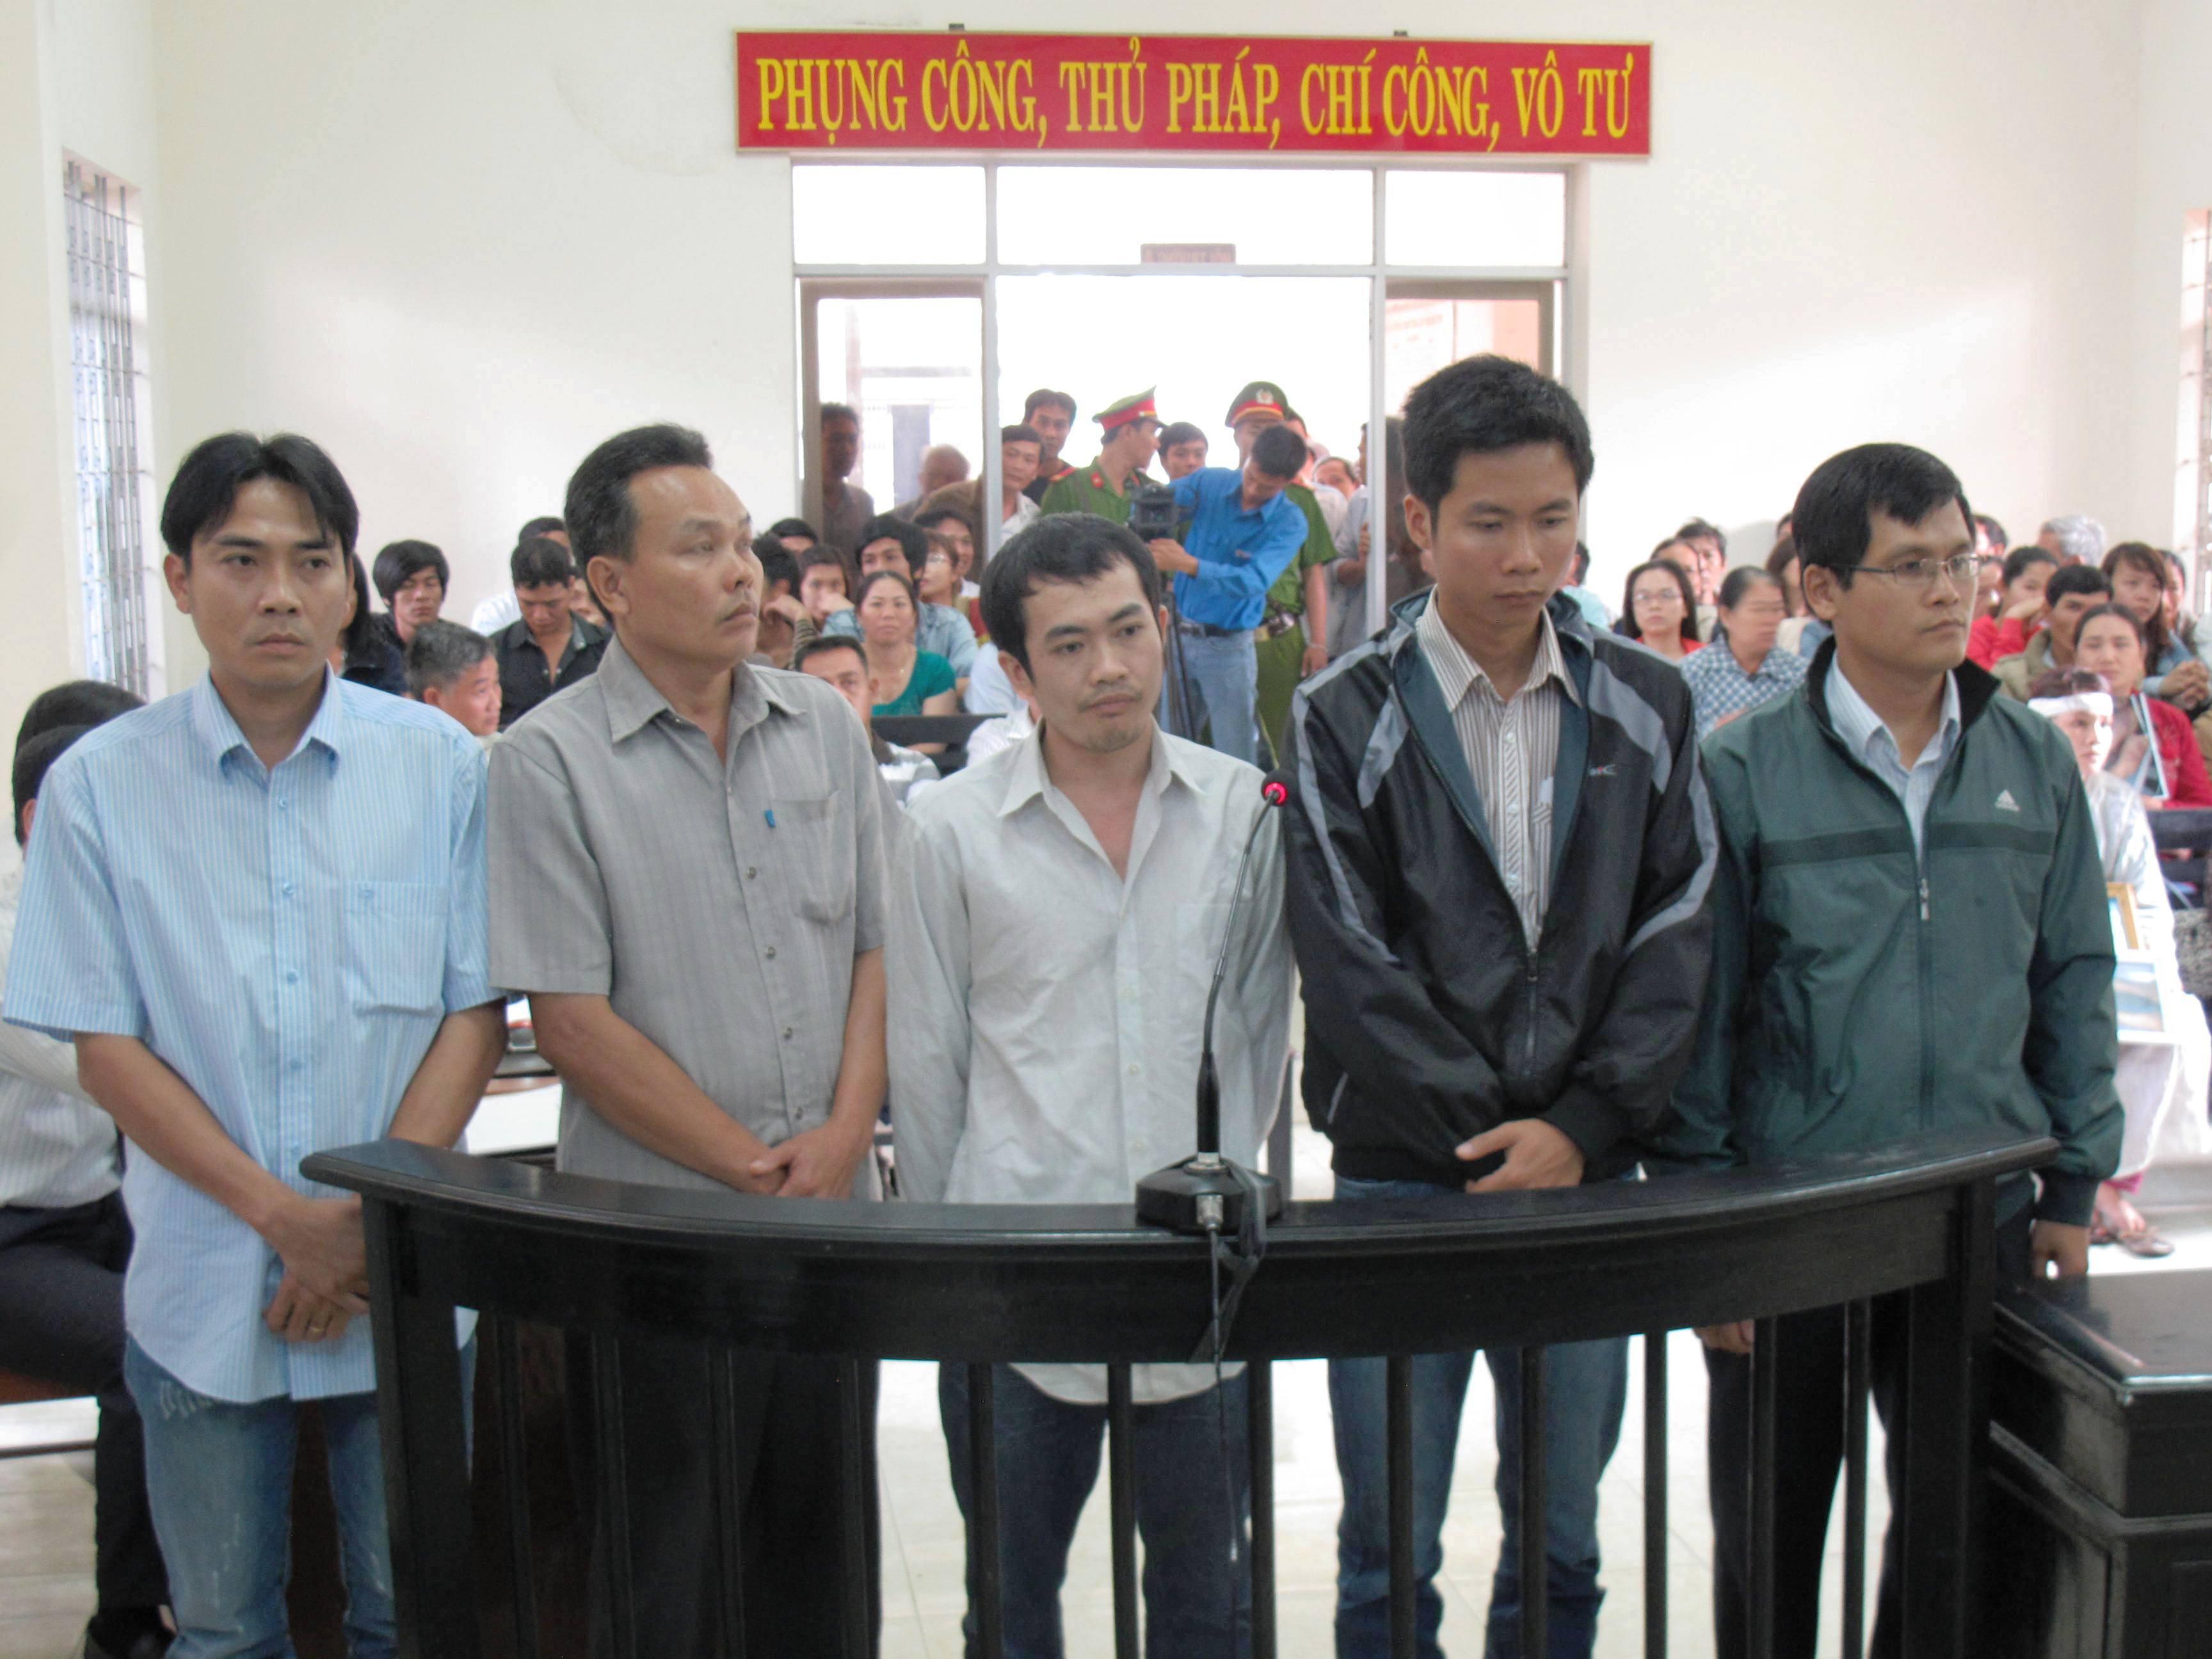 5 bị cáo bị cho là đã dùng dùi cui đánh đến chết nghi can Ngô Thanh Kiều